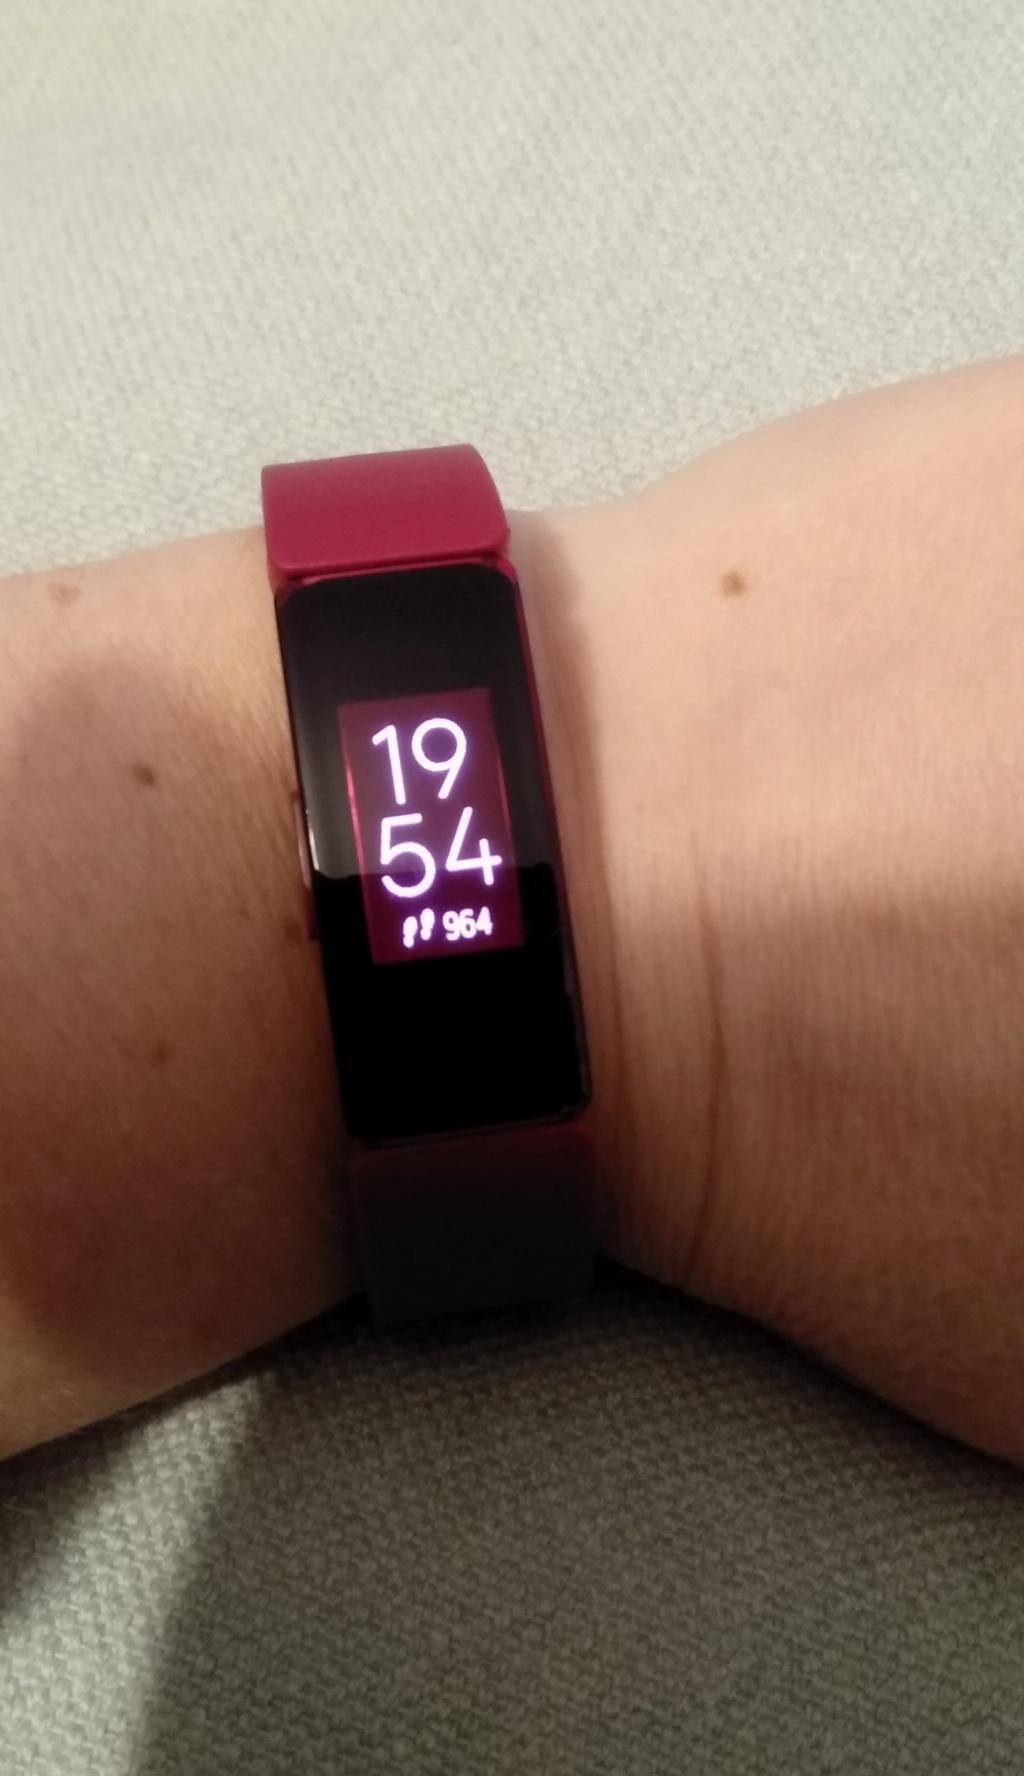 Il braccialetto FitBit fa bene alla salute? - Pagina 3 Img_2096